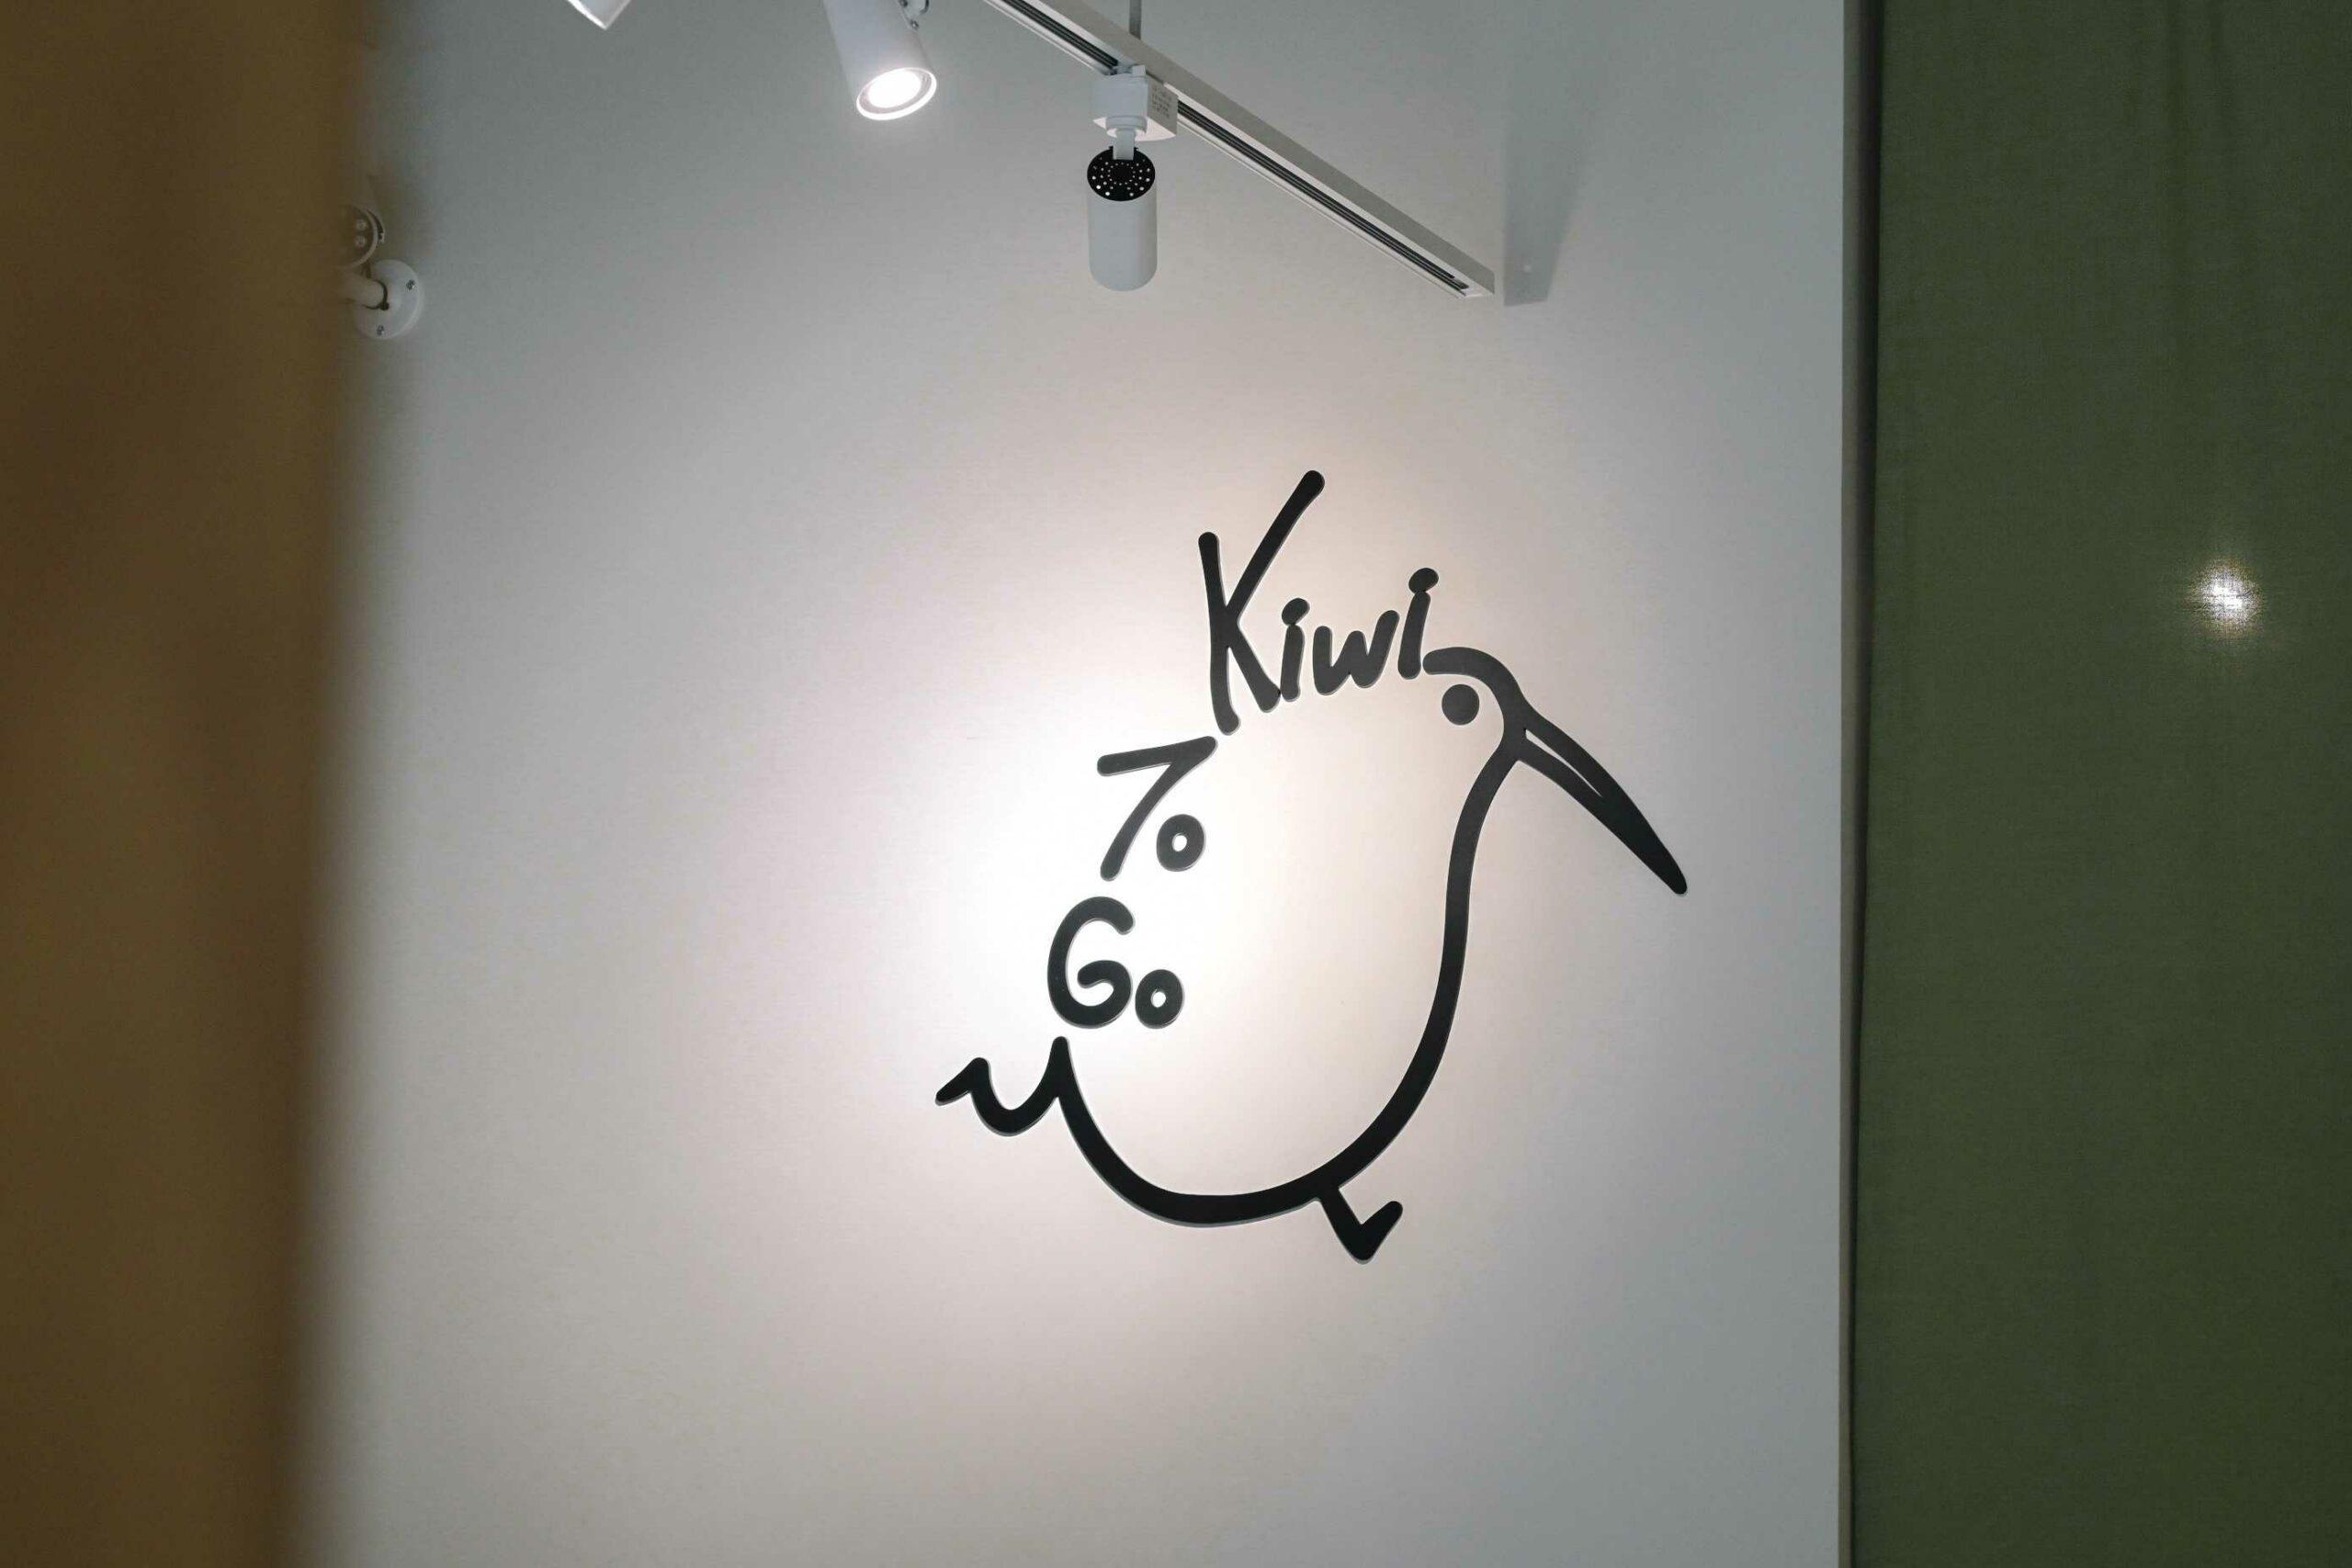 Kiwi To Go Coffee x GB5:新竹外帶咖啡一杯60元起跳,優質用心好店家(菜單) @女子的休假計劃